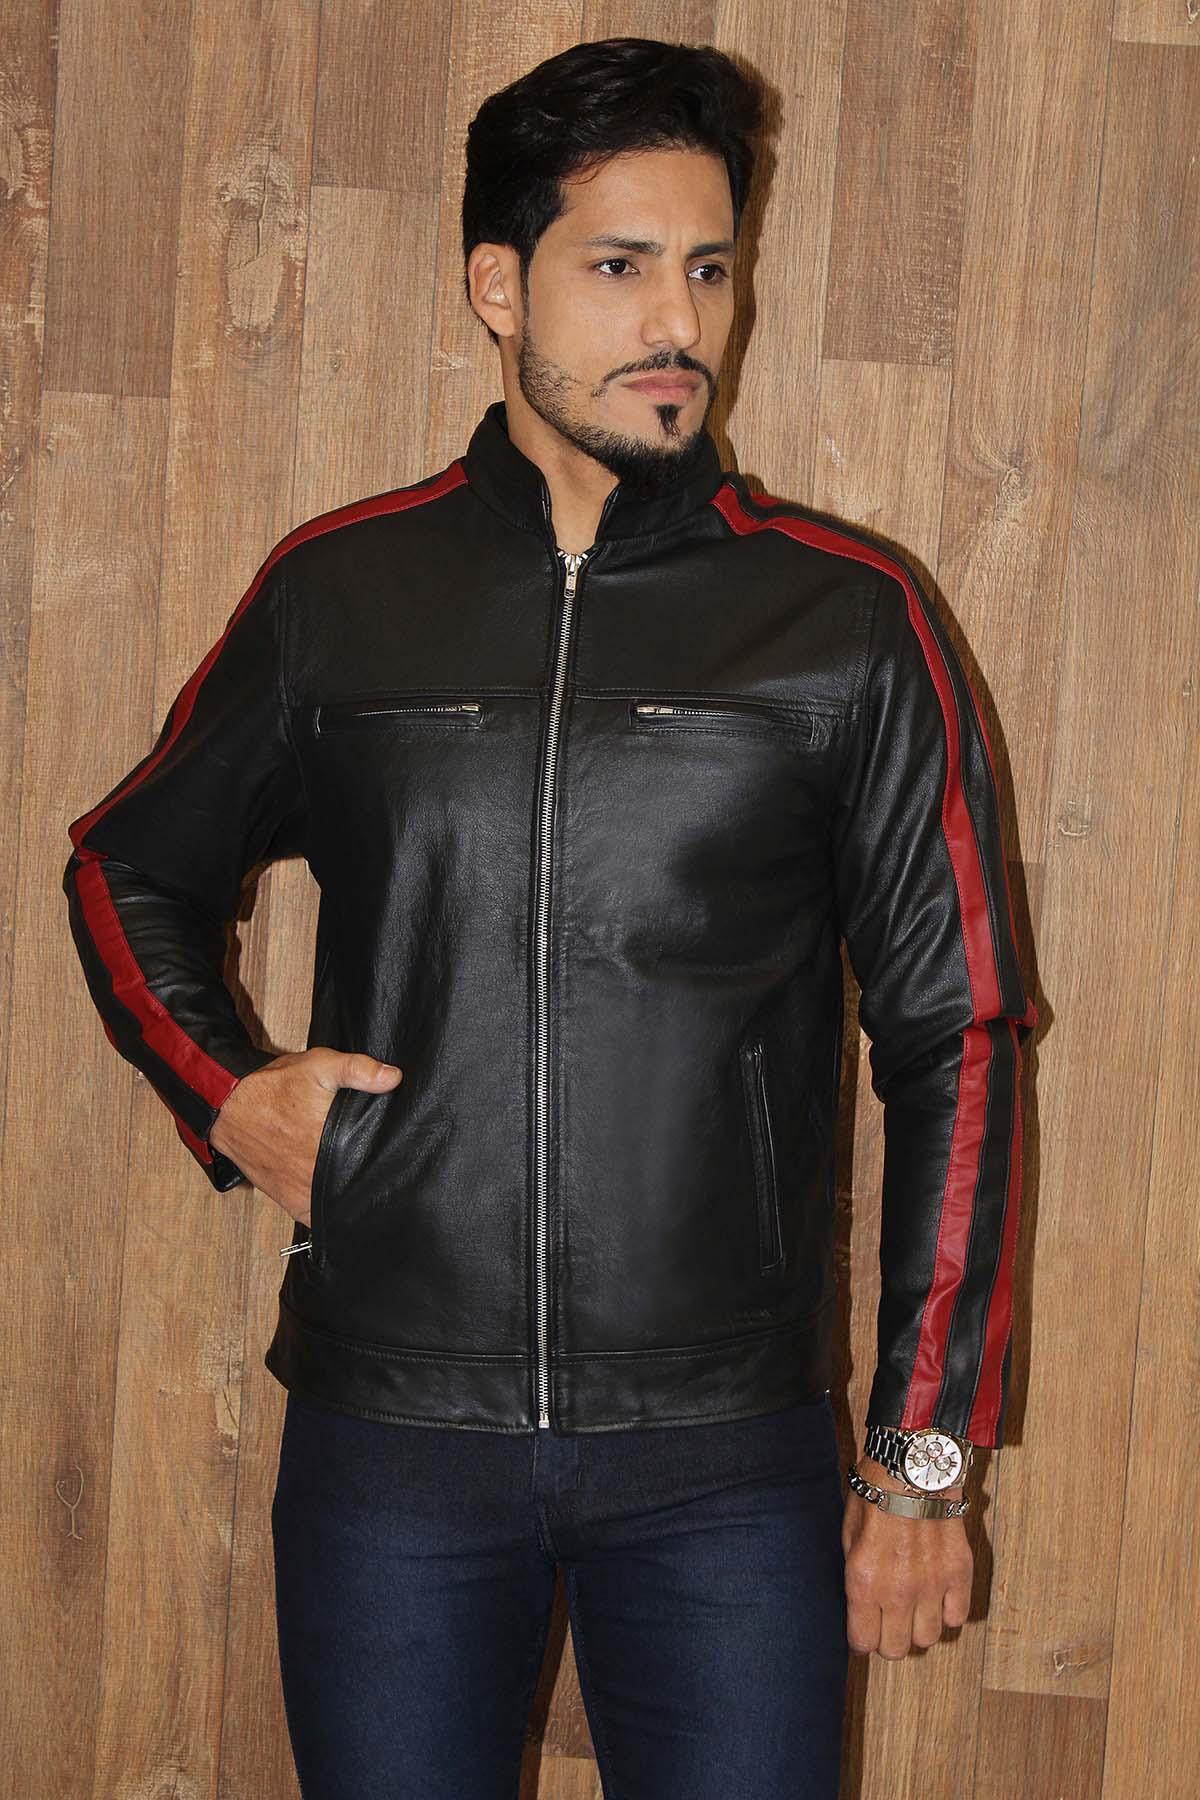 Jaqueta de Couro Modelo Tricolor C/Faixa Vermelha